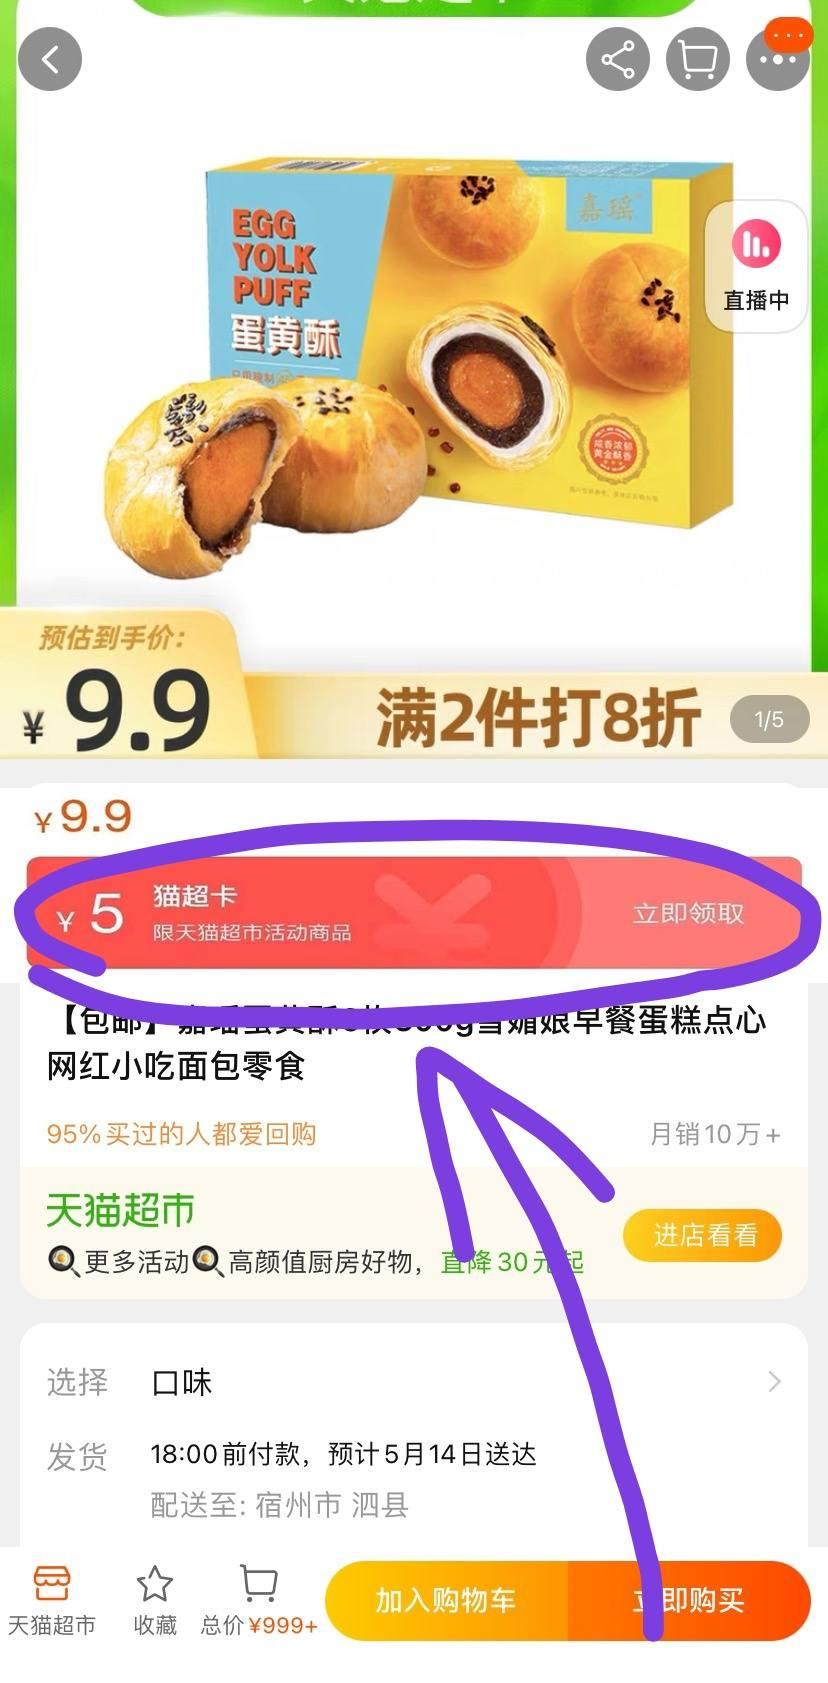 【卷实物】0卷蛋黄酥油插图1